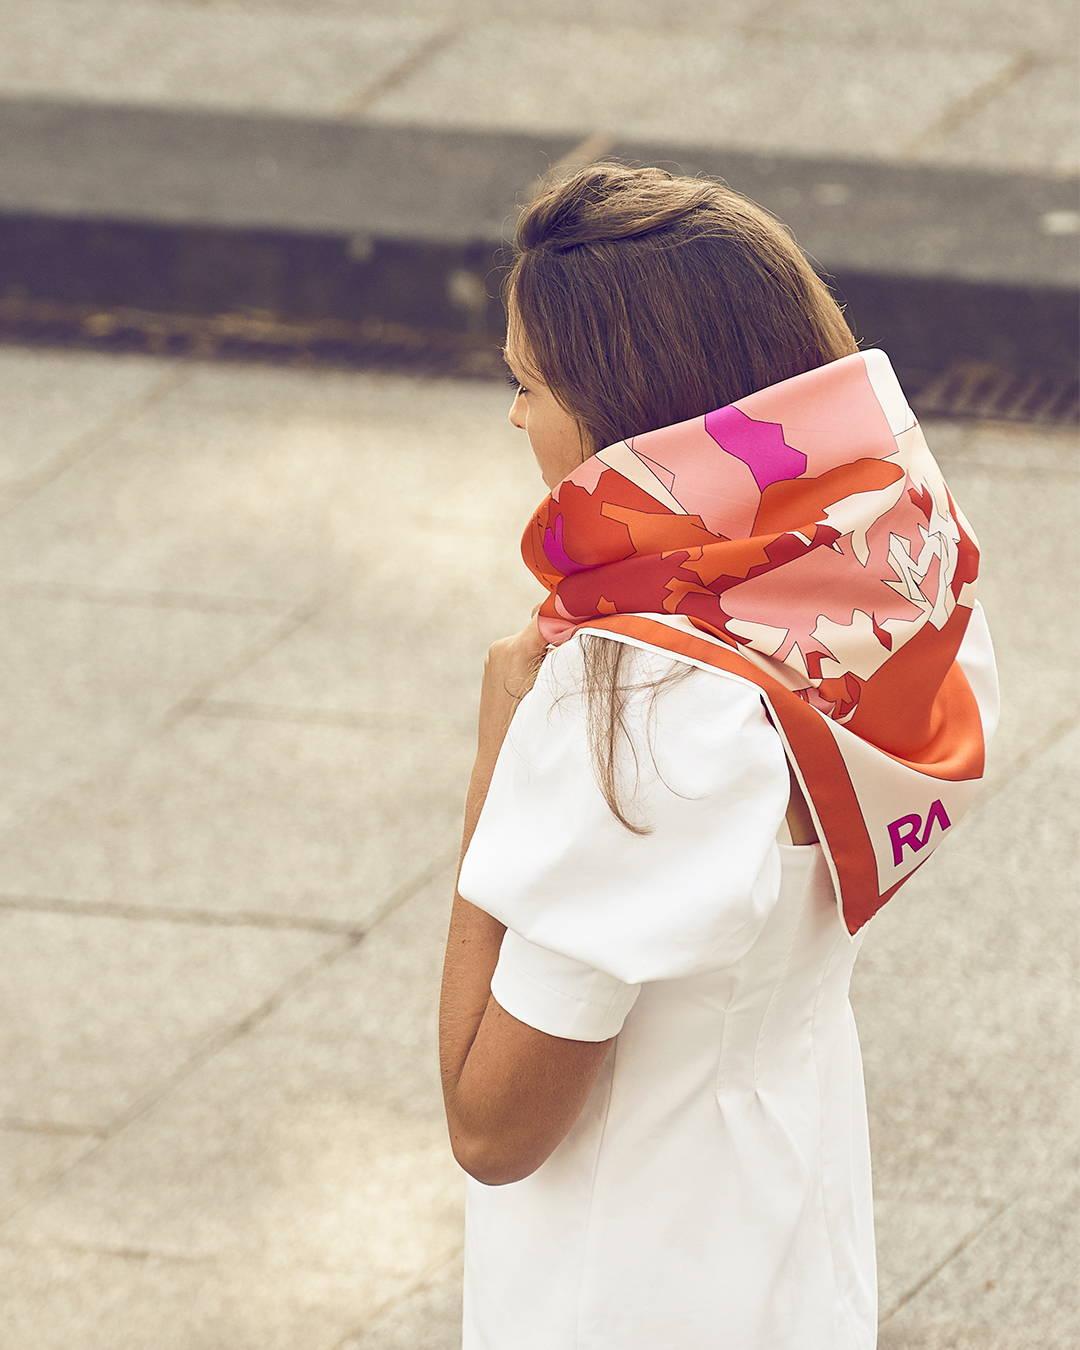 Saint-valentin, la couleur rouge